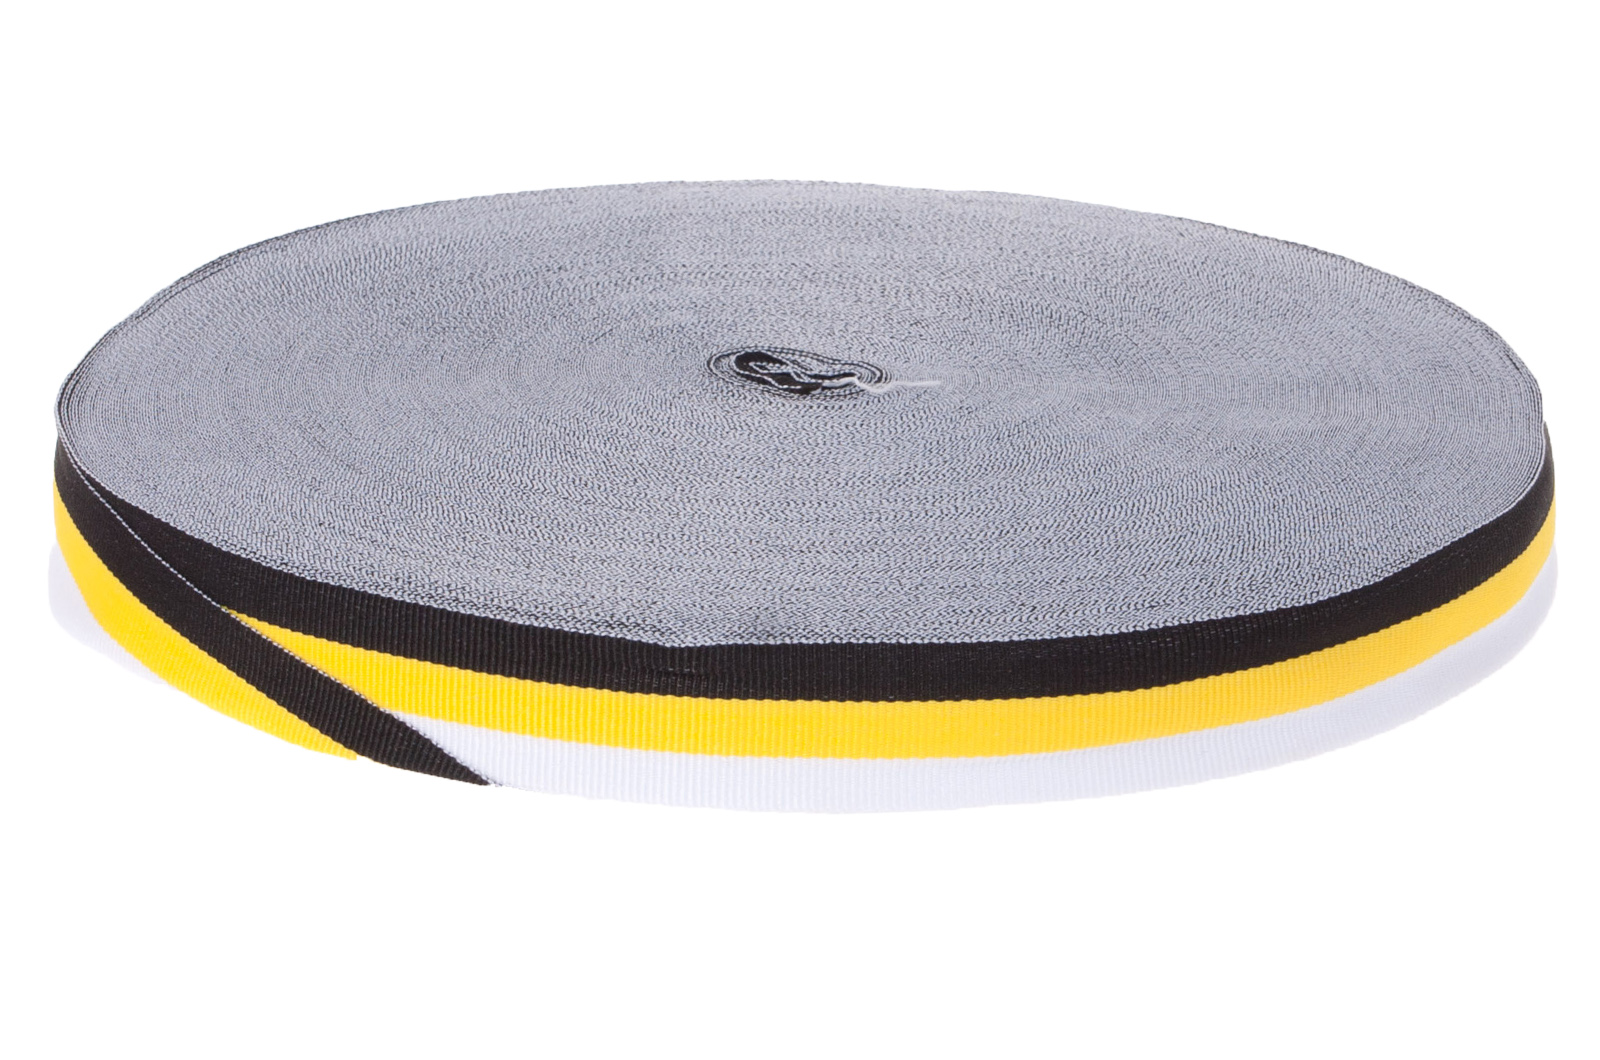 Имперская лента в рулонах – качество и низкая стоимость